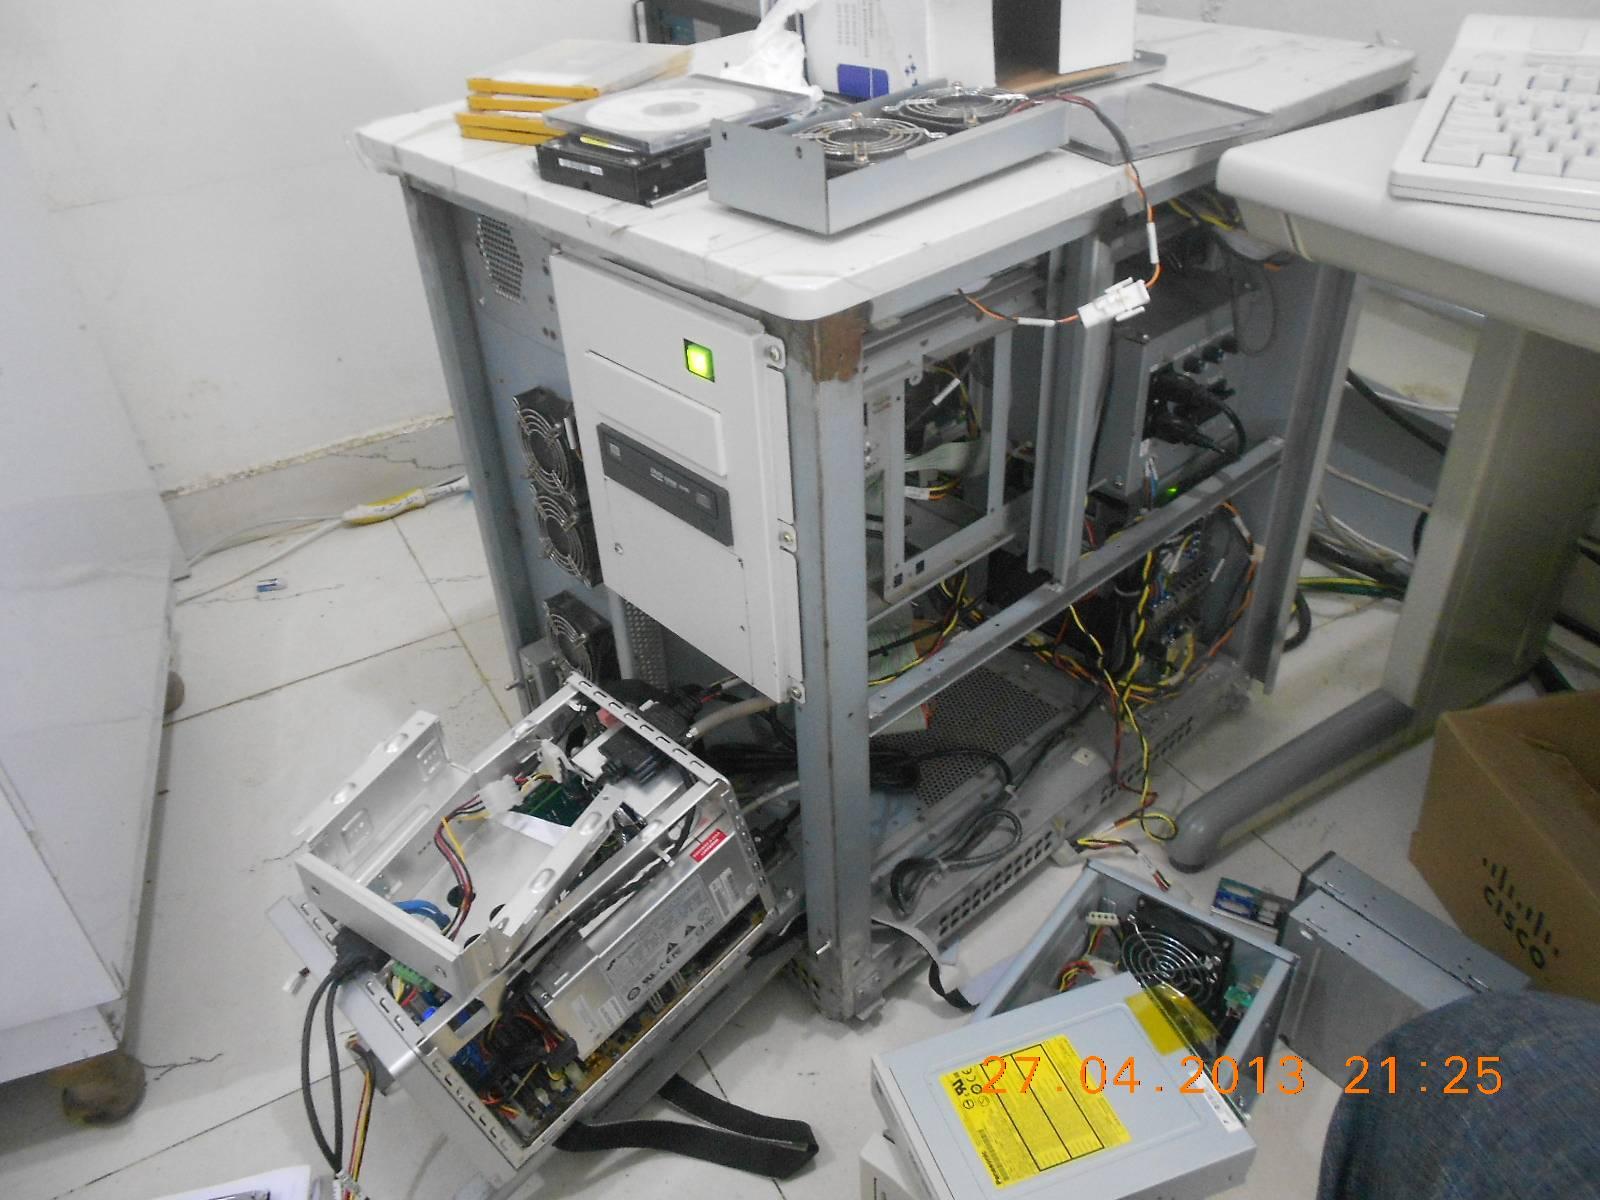 Console Under Repair